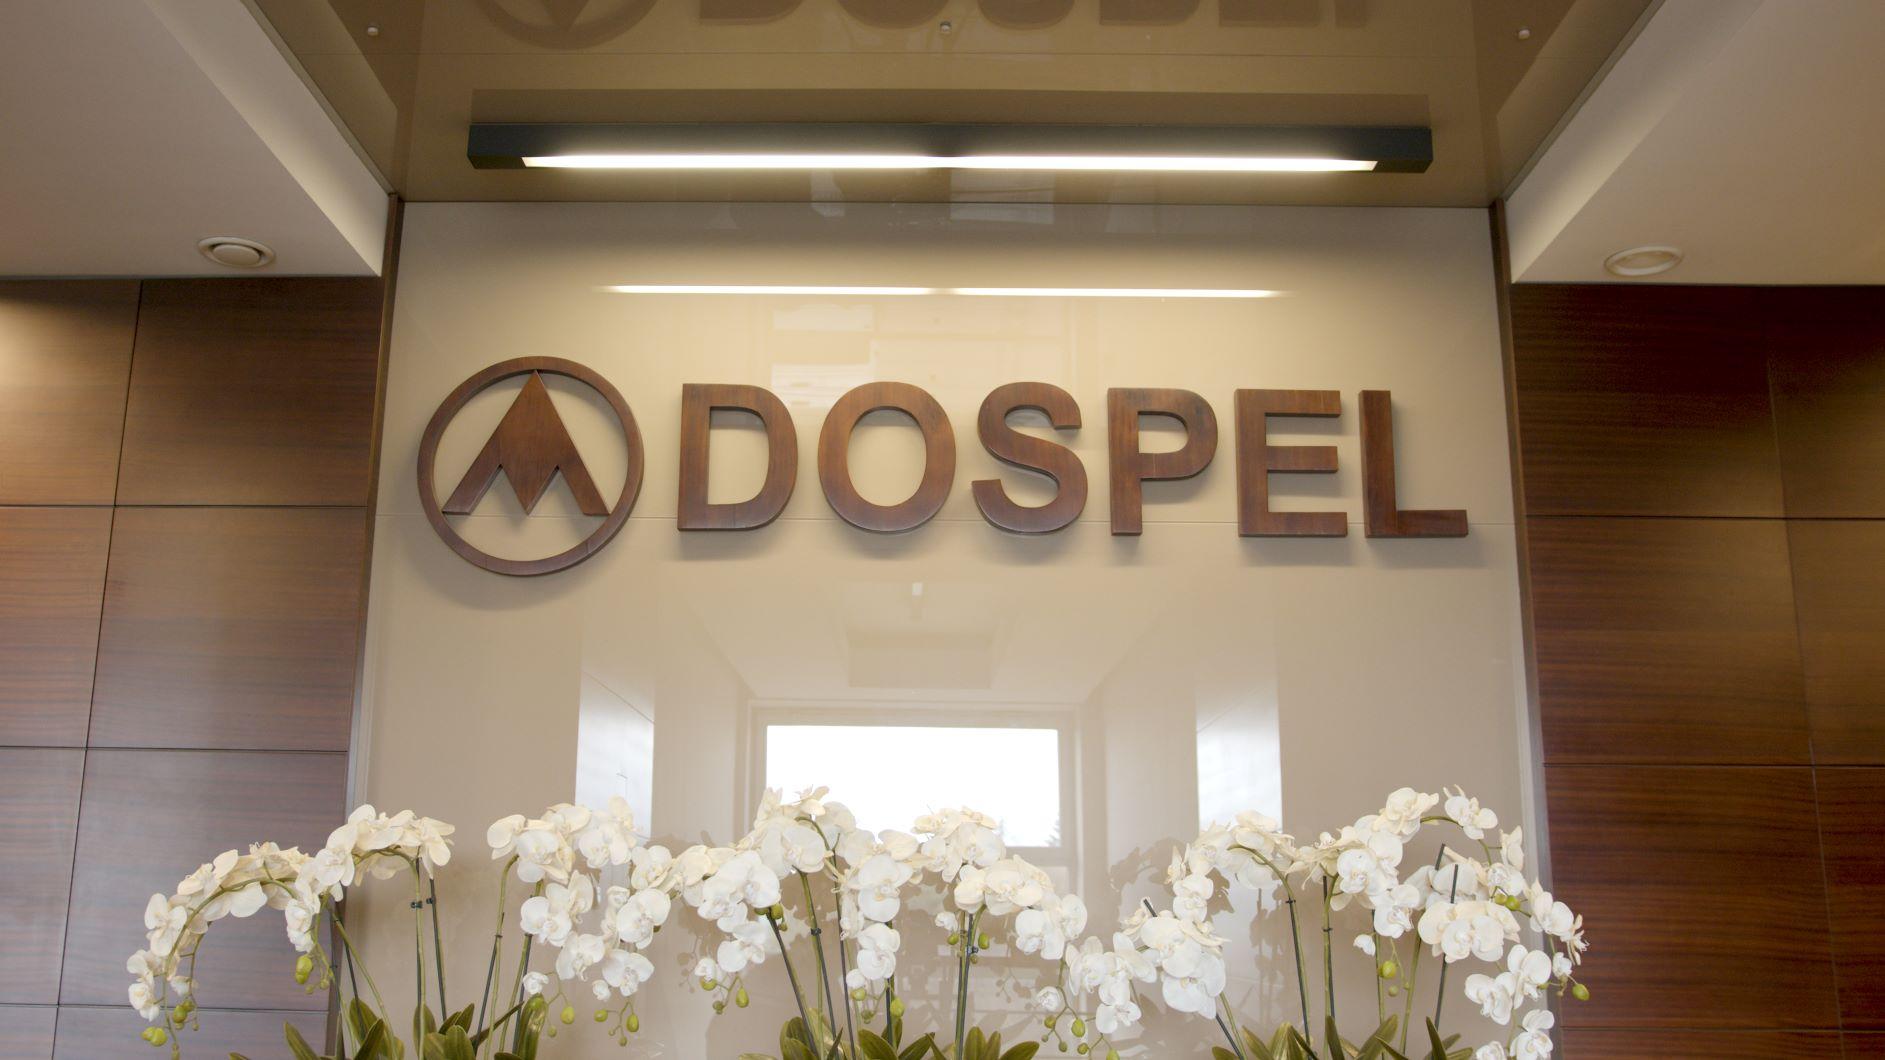 dospel, praca, wnętrze, biuro, lider wentylacji, wentylator, logo, kwiaty